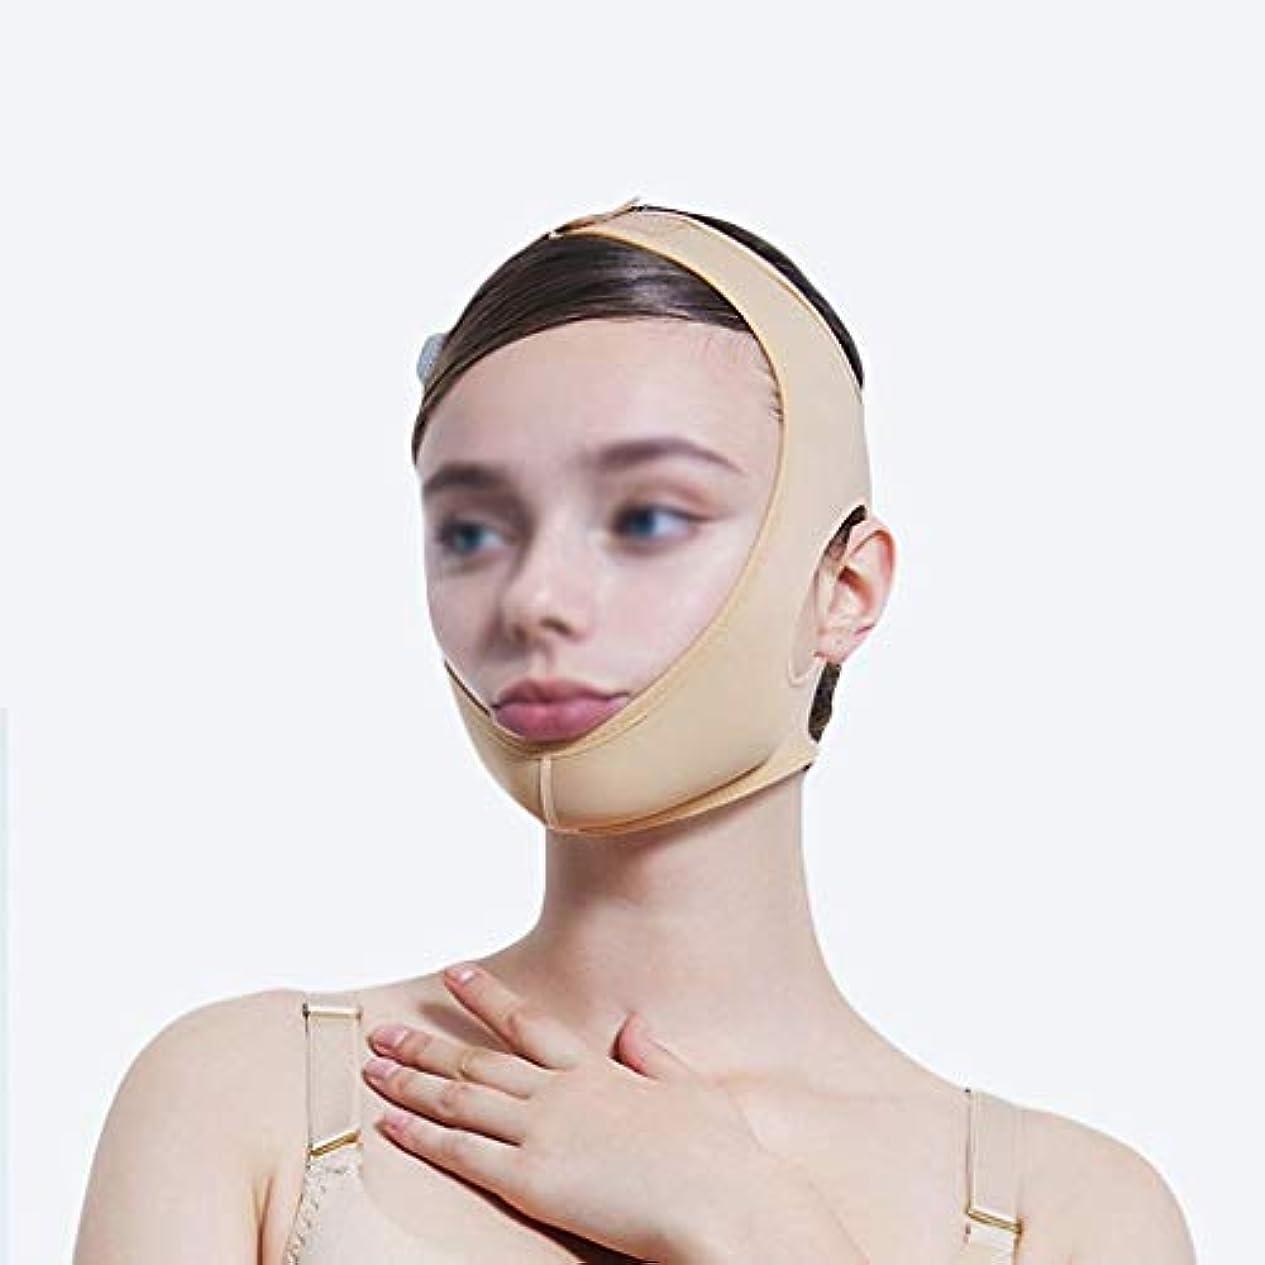 においエミュレートすると闘うフェイシャルライン、頬、しわ防止フェイシャル減量、フェイスバンド、フェイスマスク、フェイスリフティング、通気性、ダブルチンストラップ(サイズ:XXL),XS